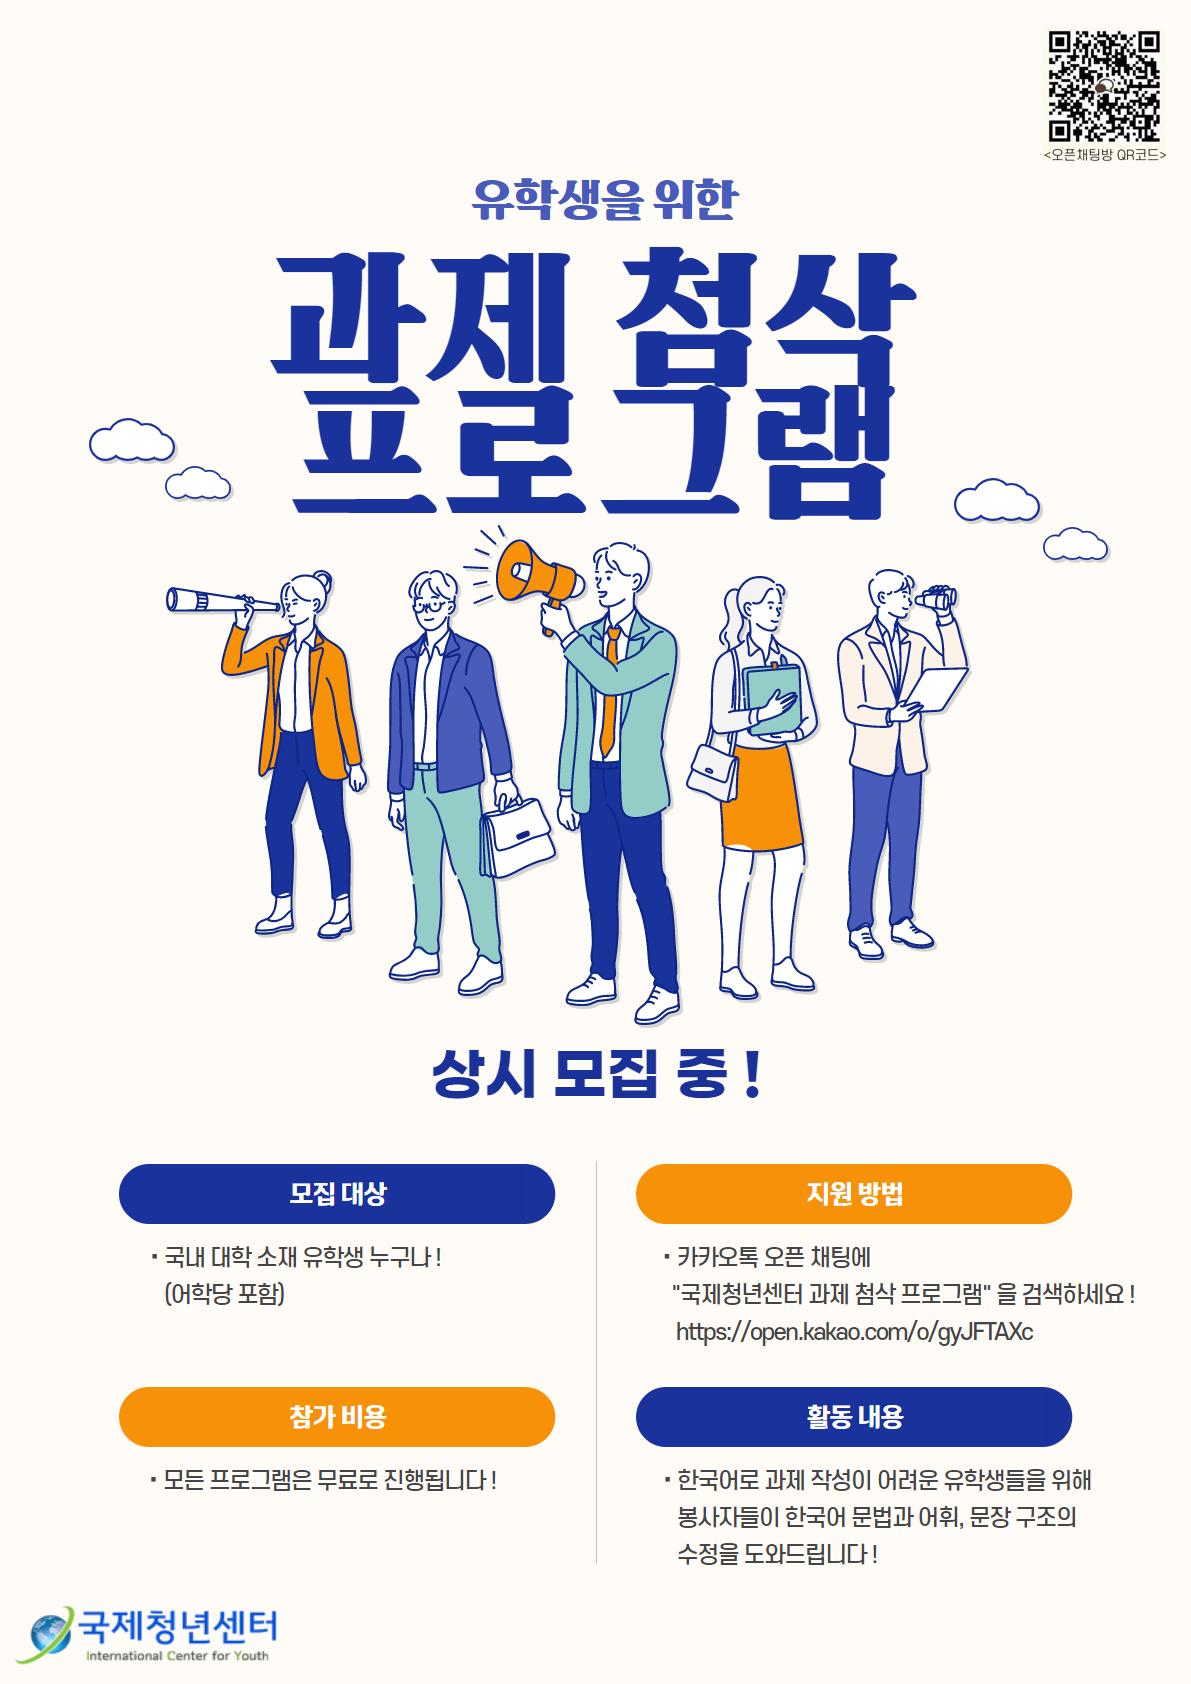 한국어 과제 첨삭 프로그램(Korean assignment correction program)